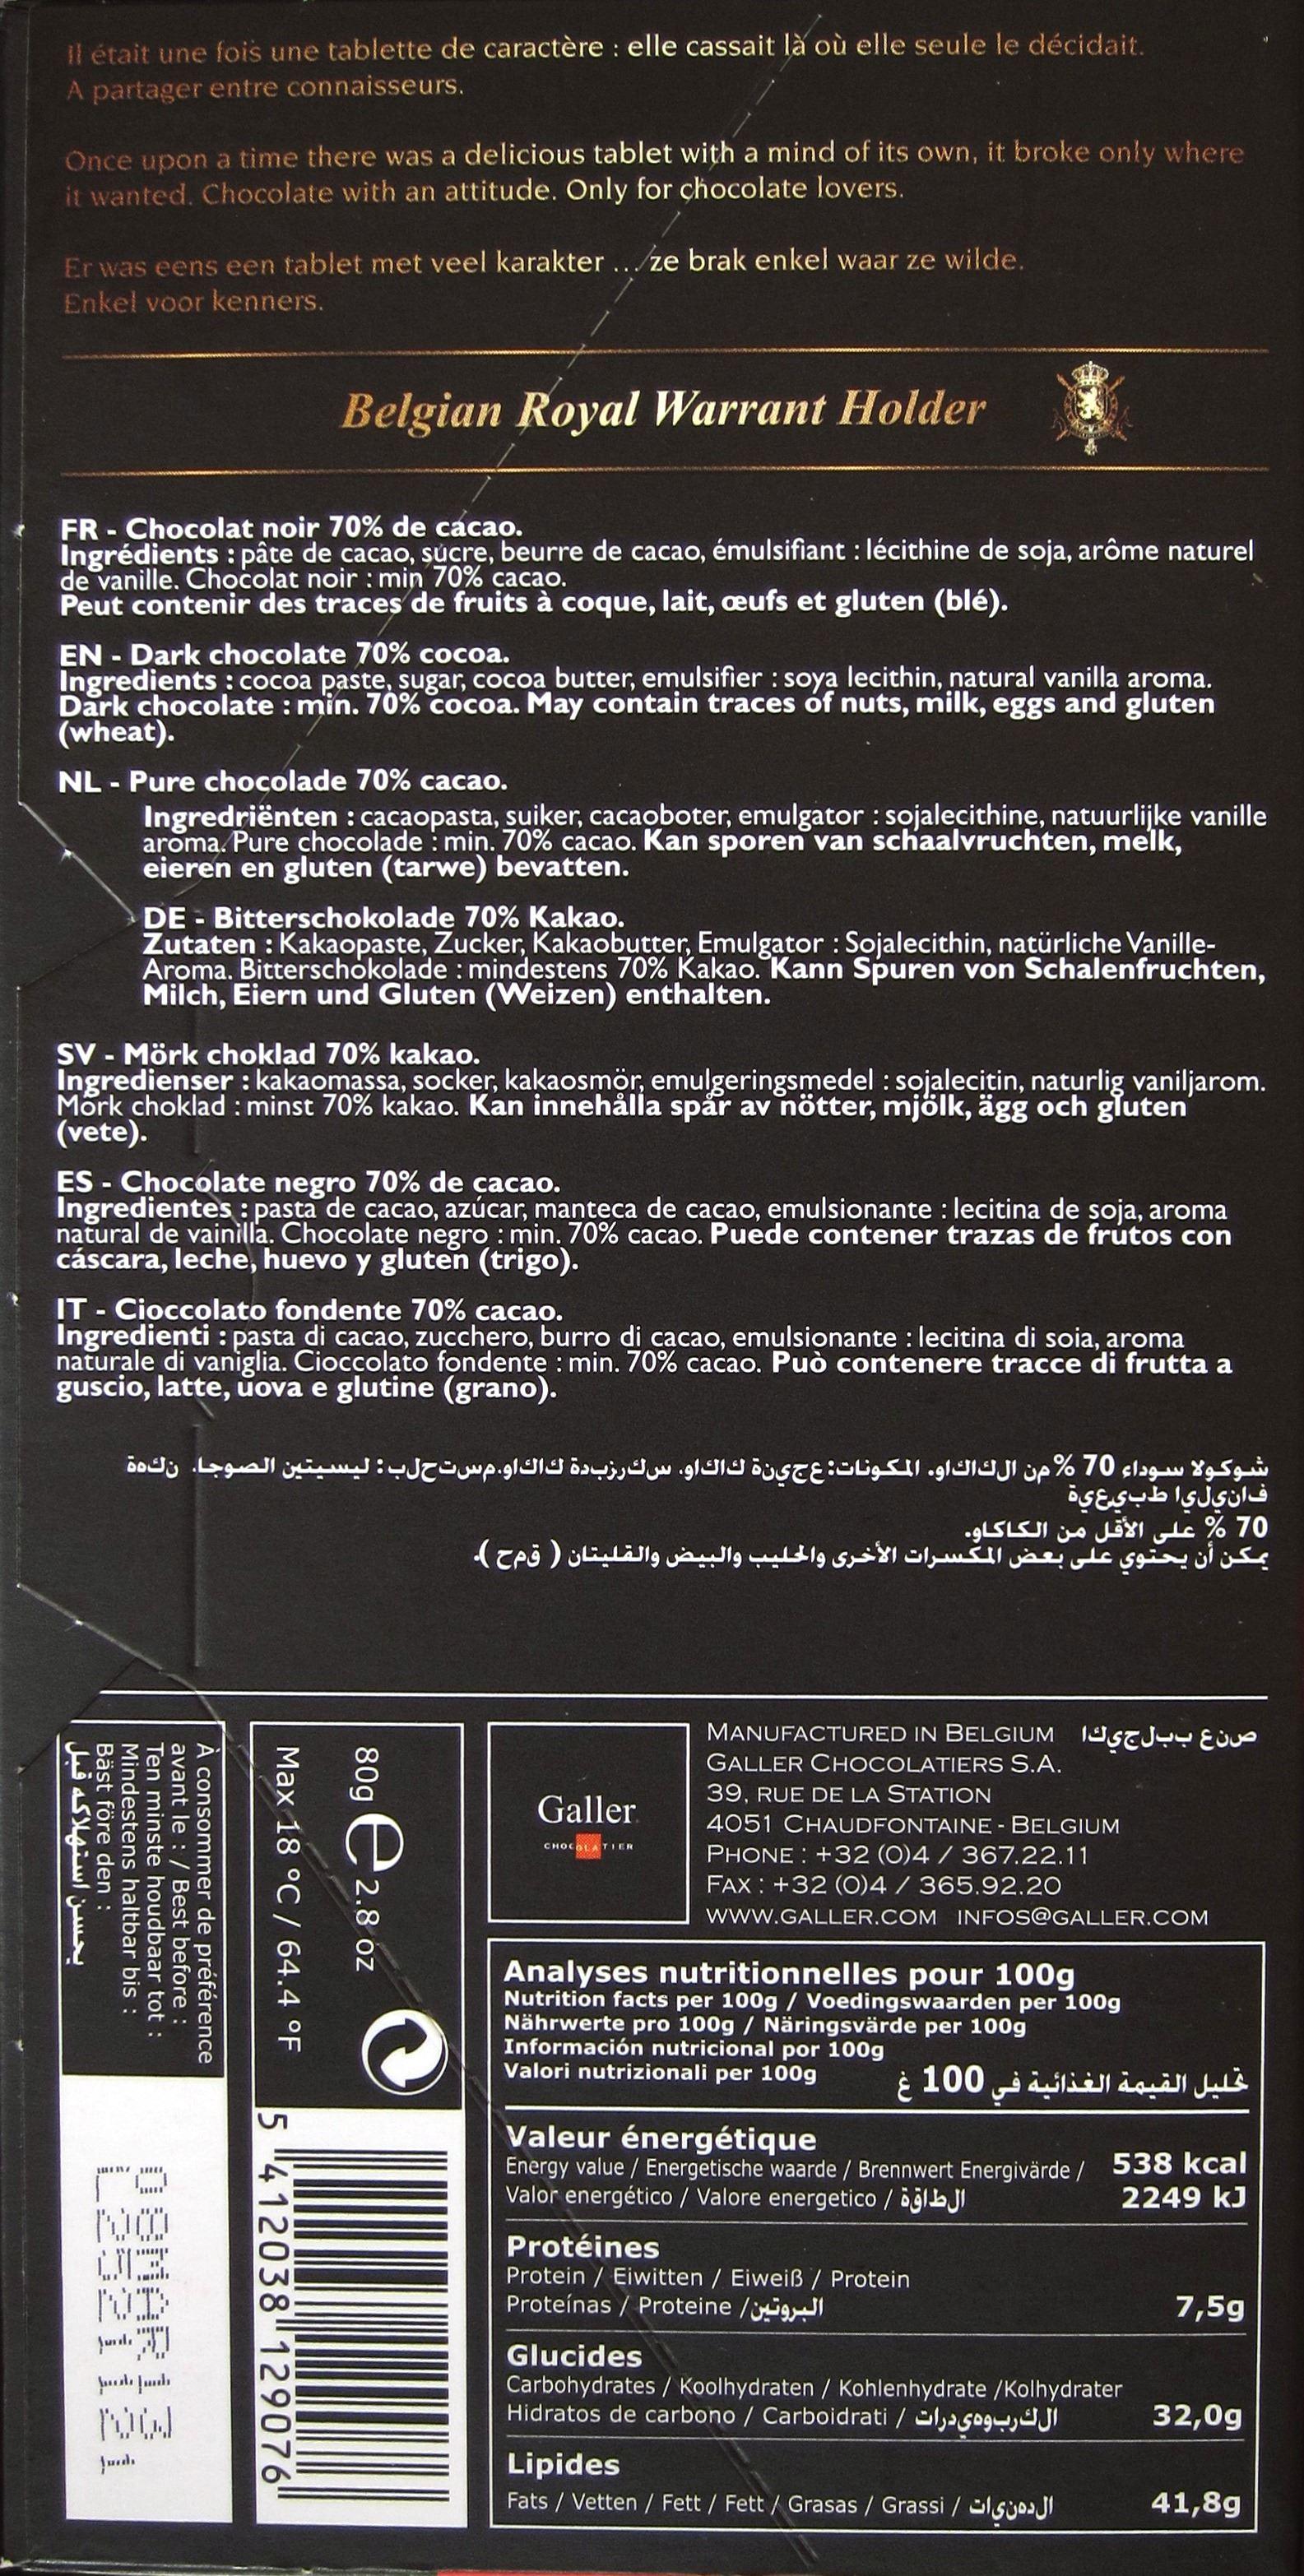 Galler Dunkle Schokolade - Inhalt